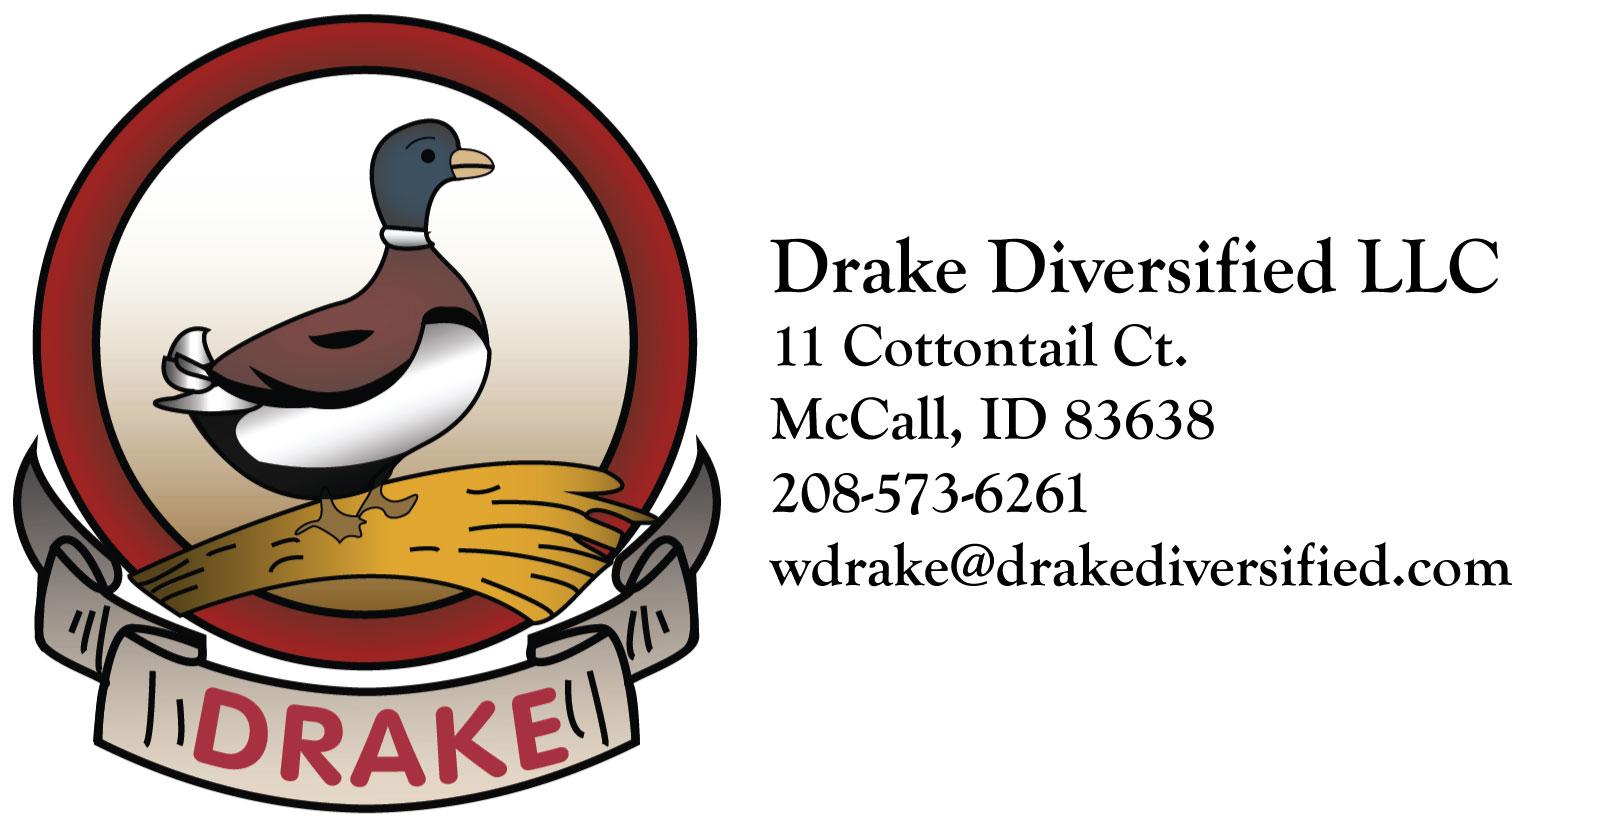 Drake Diversified